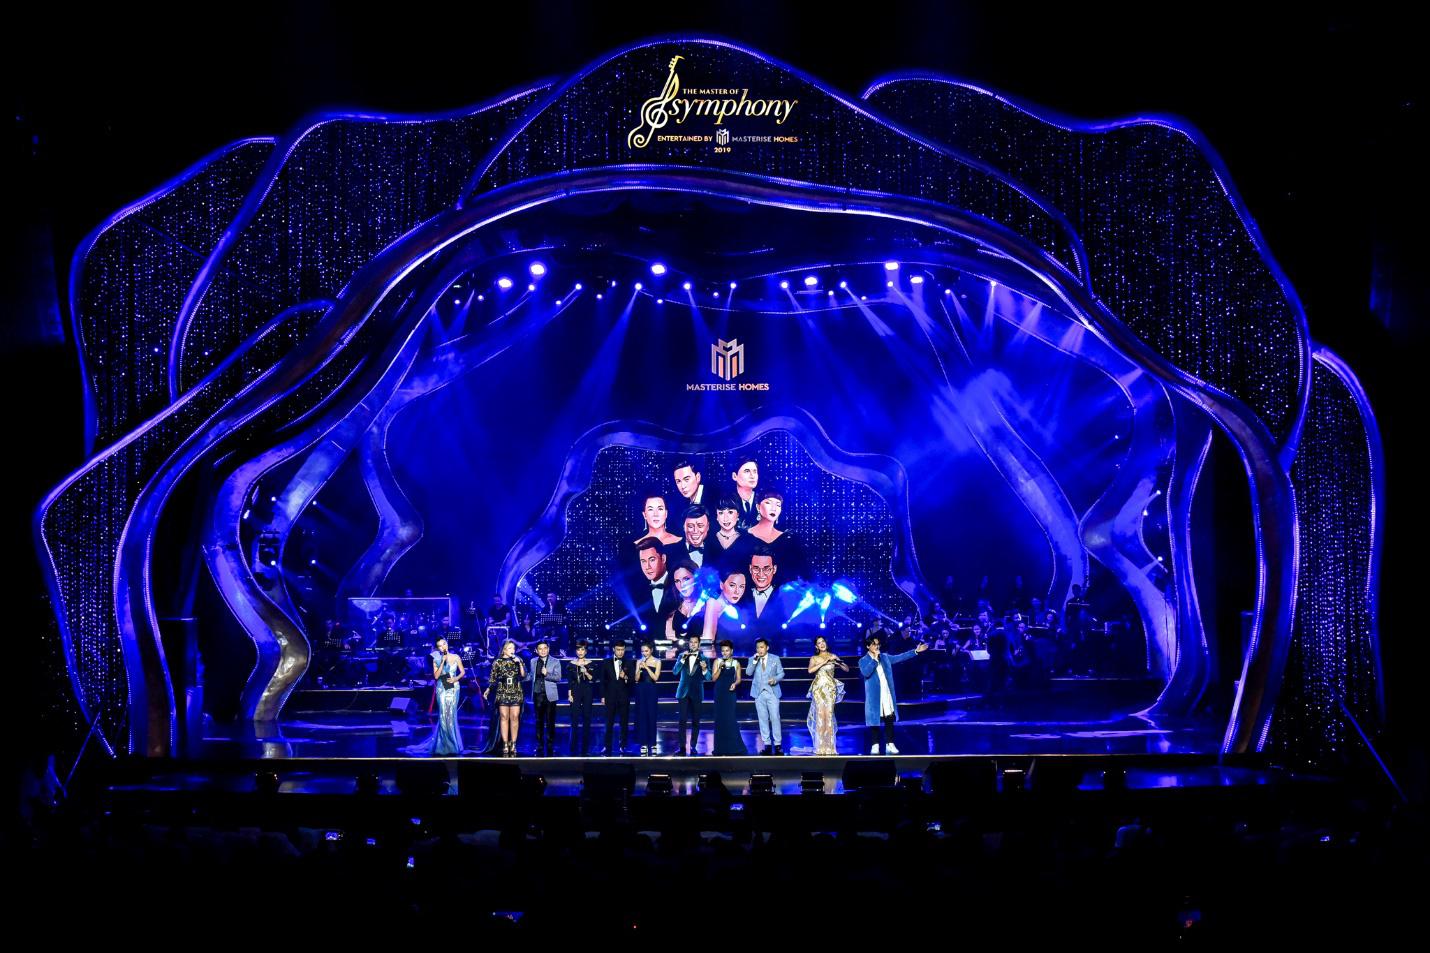 The Master Of Symphony 2019 chinh phục khán giả với các tiết mục trình diễn đỉnh cao và ấn tượng - Ảnh 2.